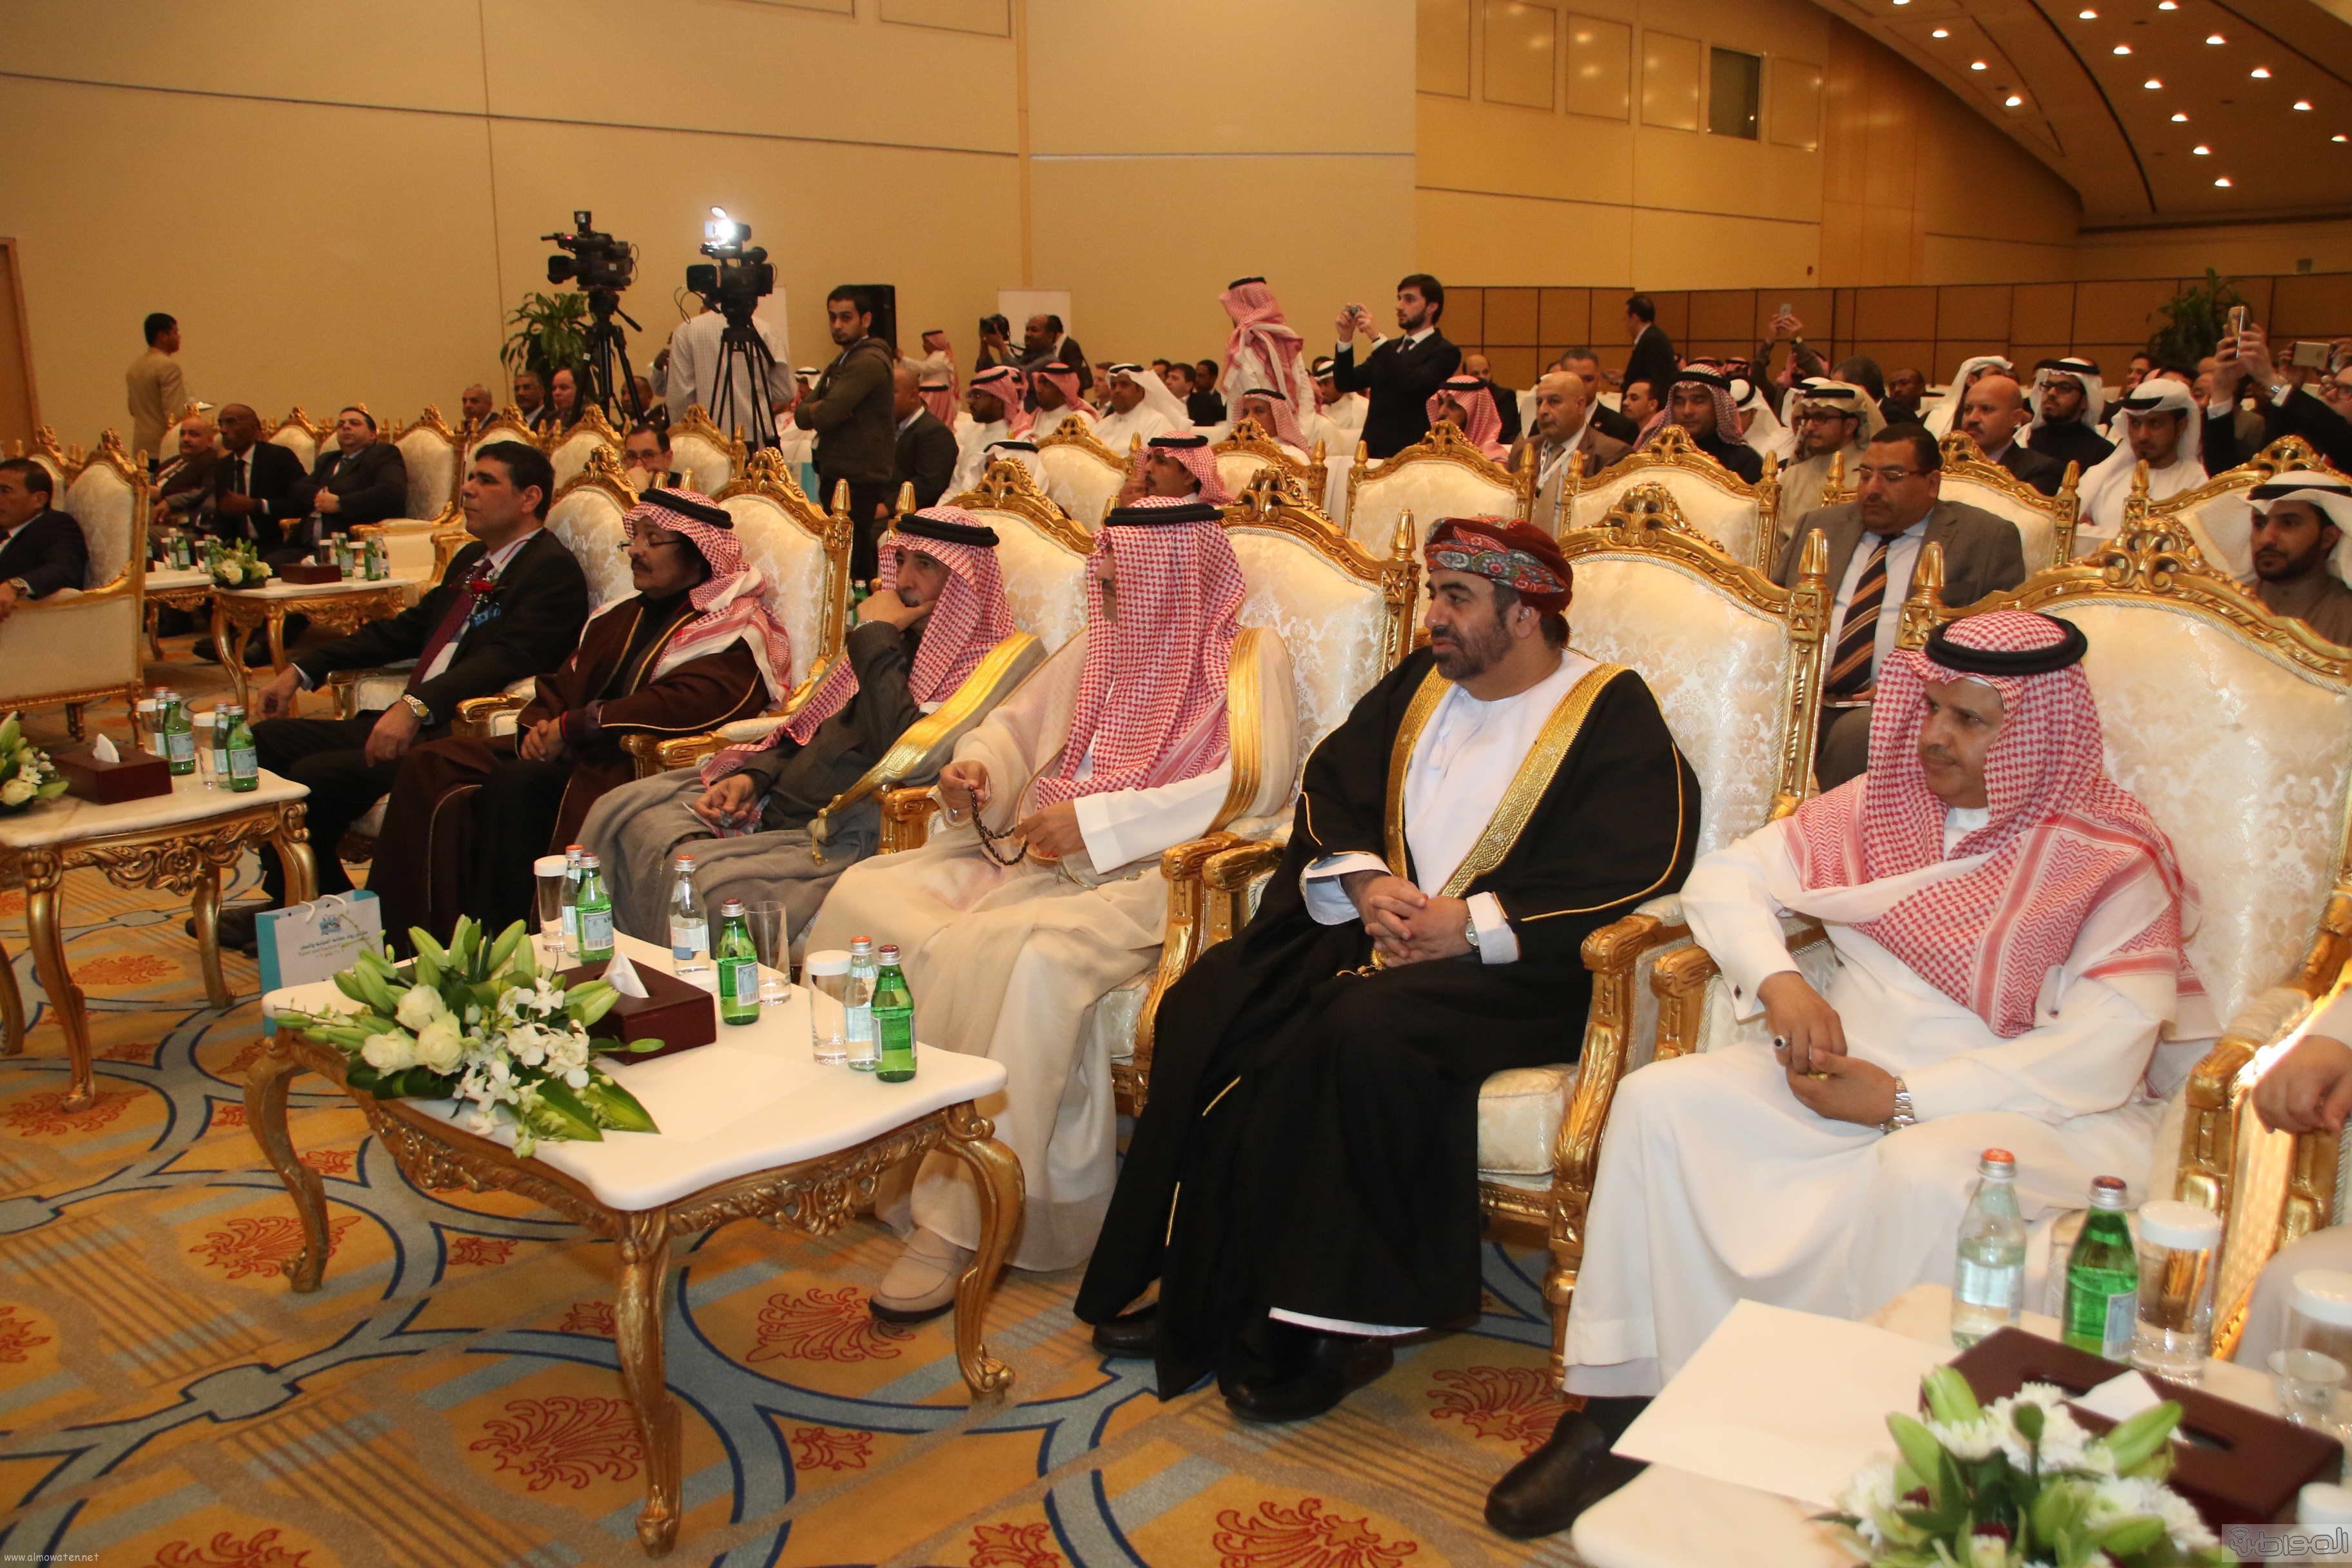 لقطات لتدشين الامير سيف الاسلام ملتقى رواد صناعة السياحة والسفر (4)